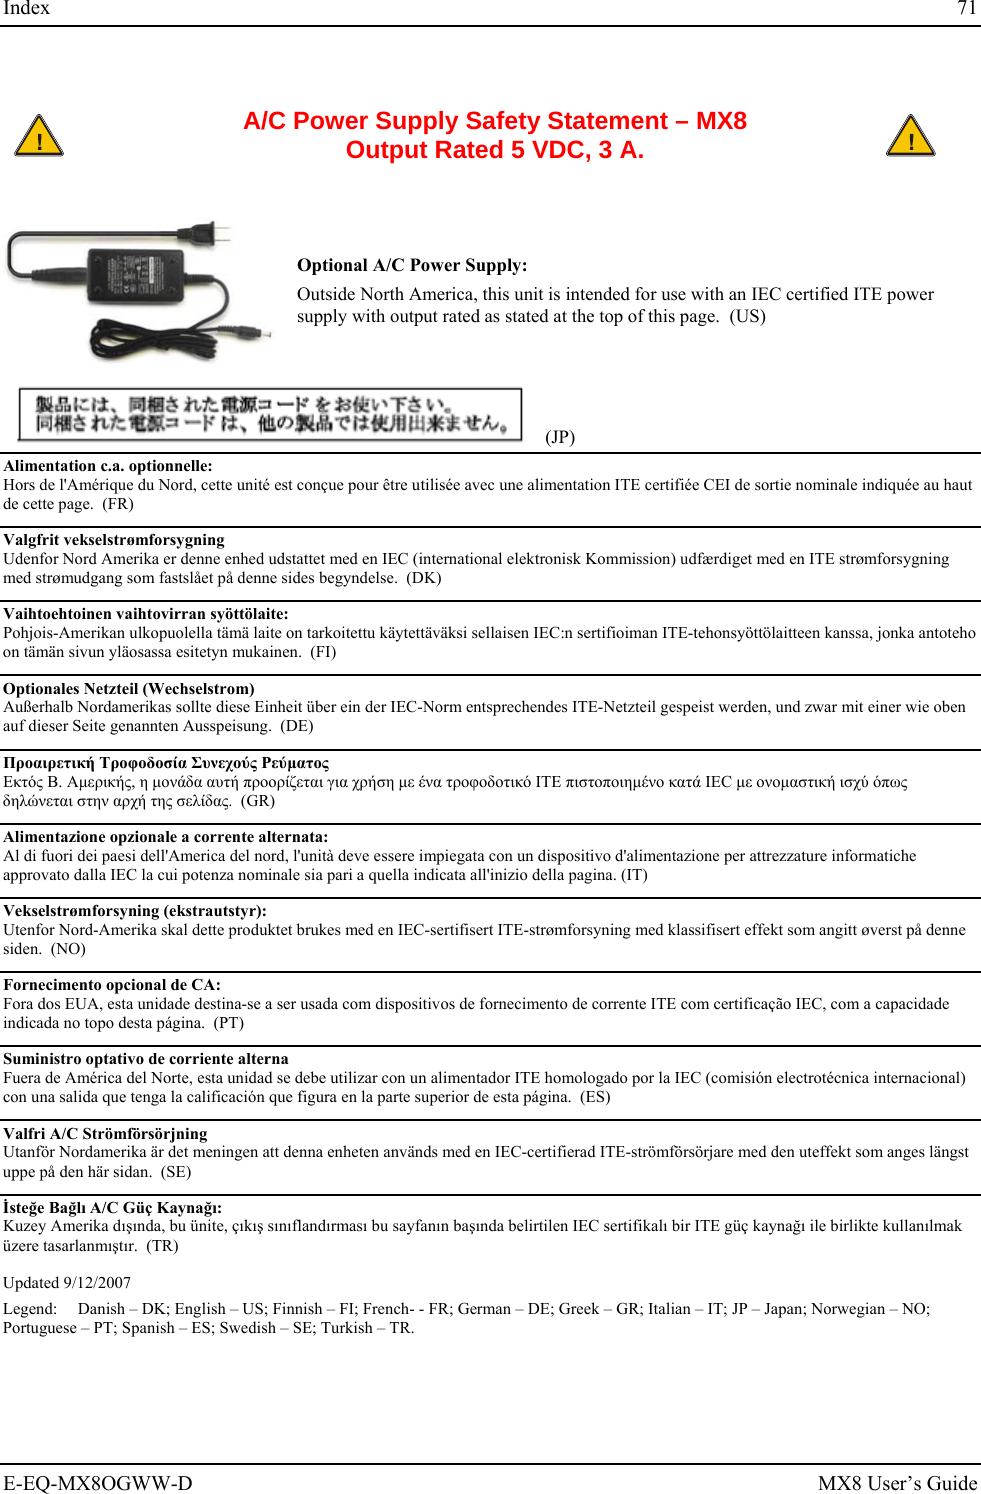 Honeywell lxebt001 bluetooth module user manual host manual page 78 of honeywell lxebt001 bluetooth module user manual host manual sciox Image collections